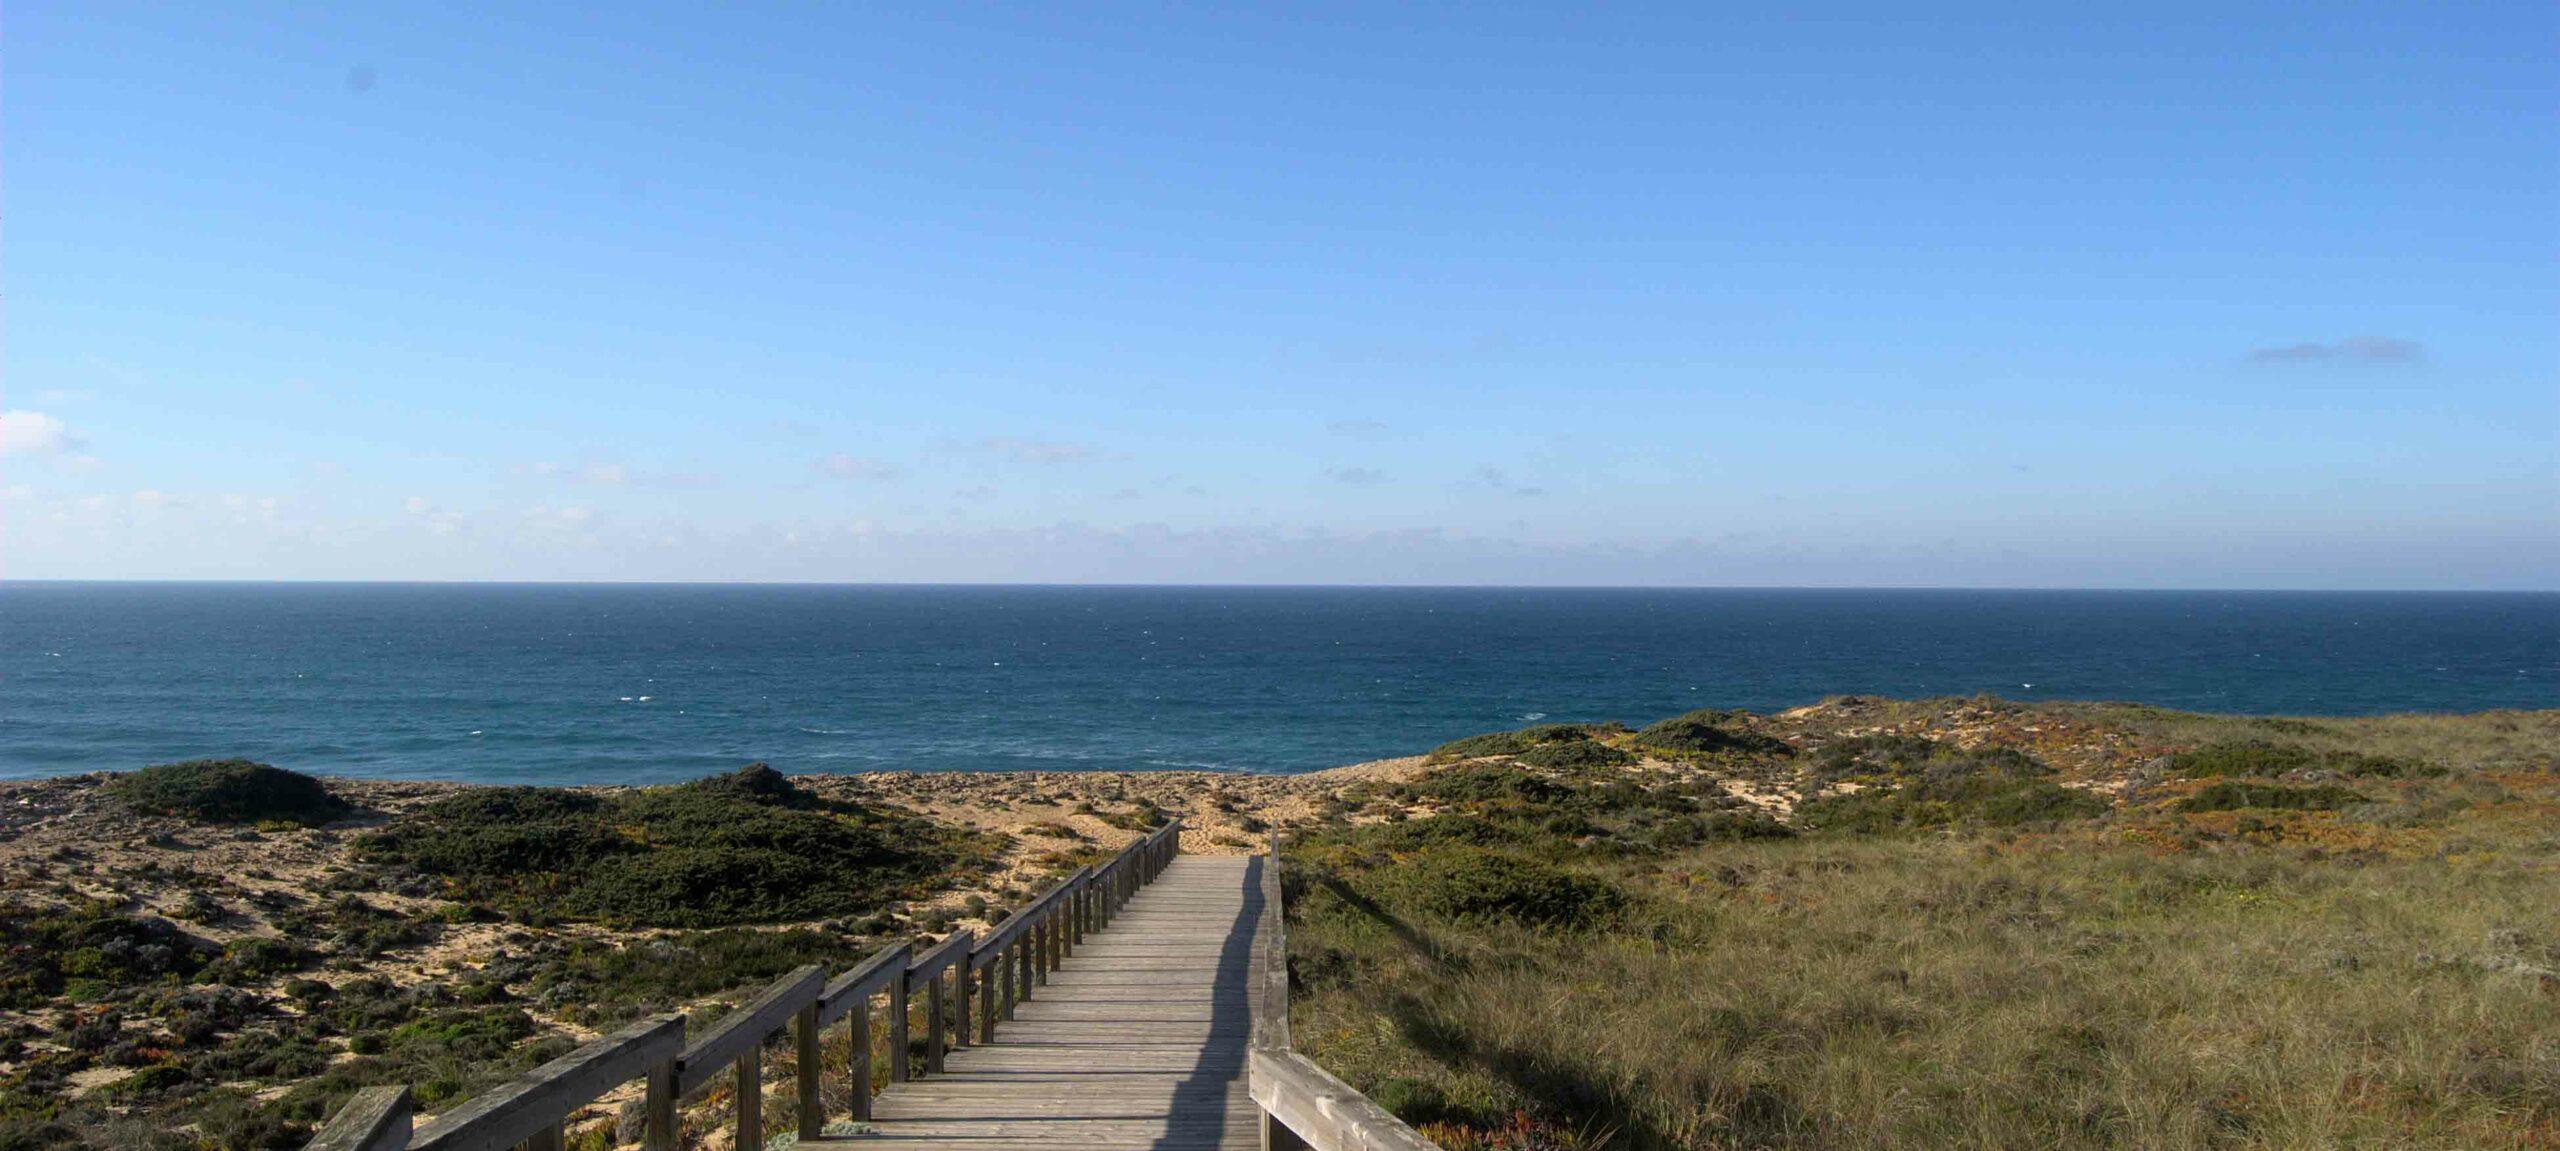 Paesaggi tra terra e oceano in portogallo